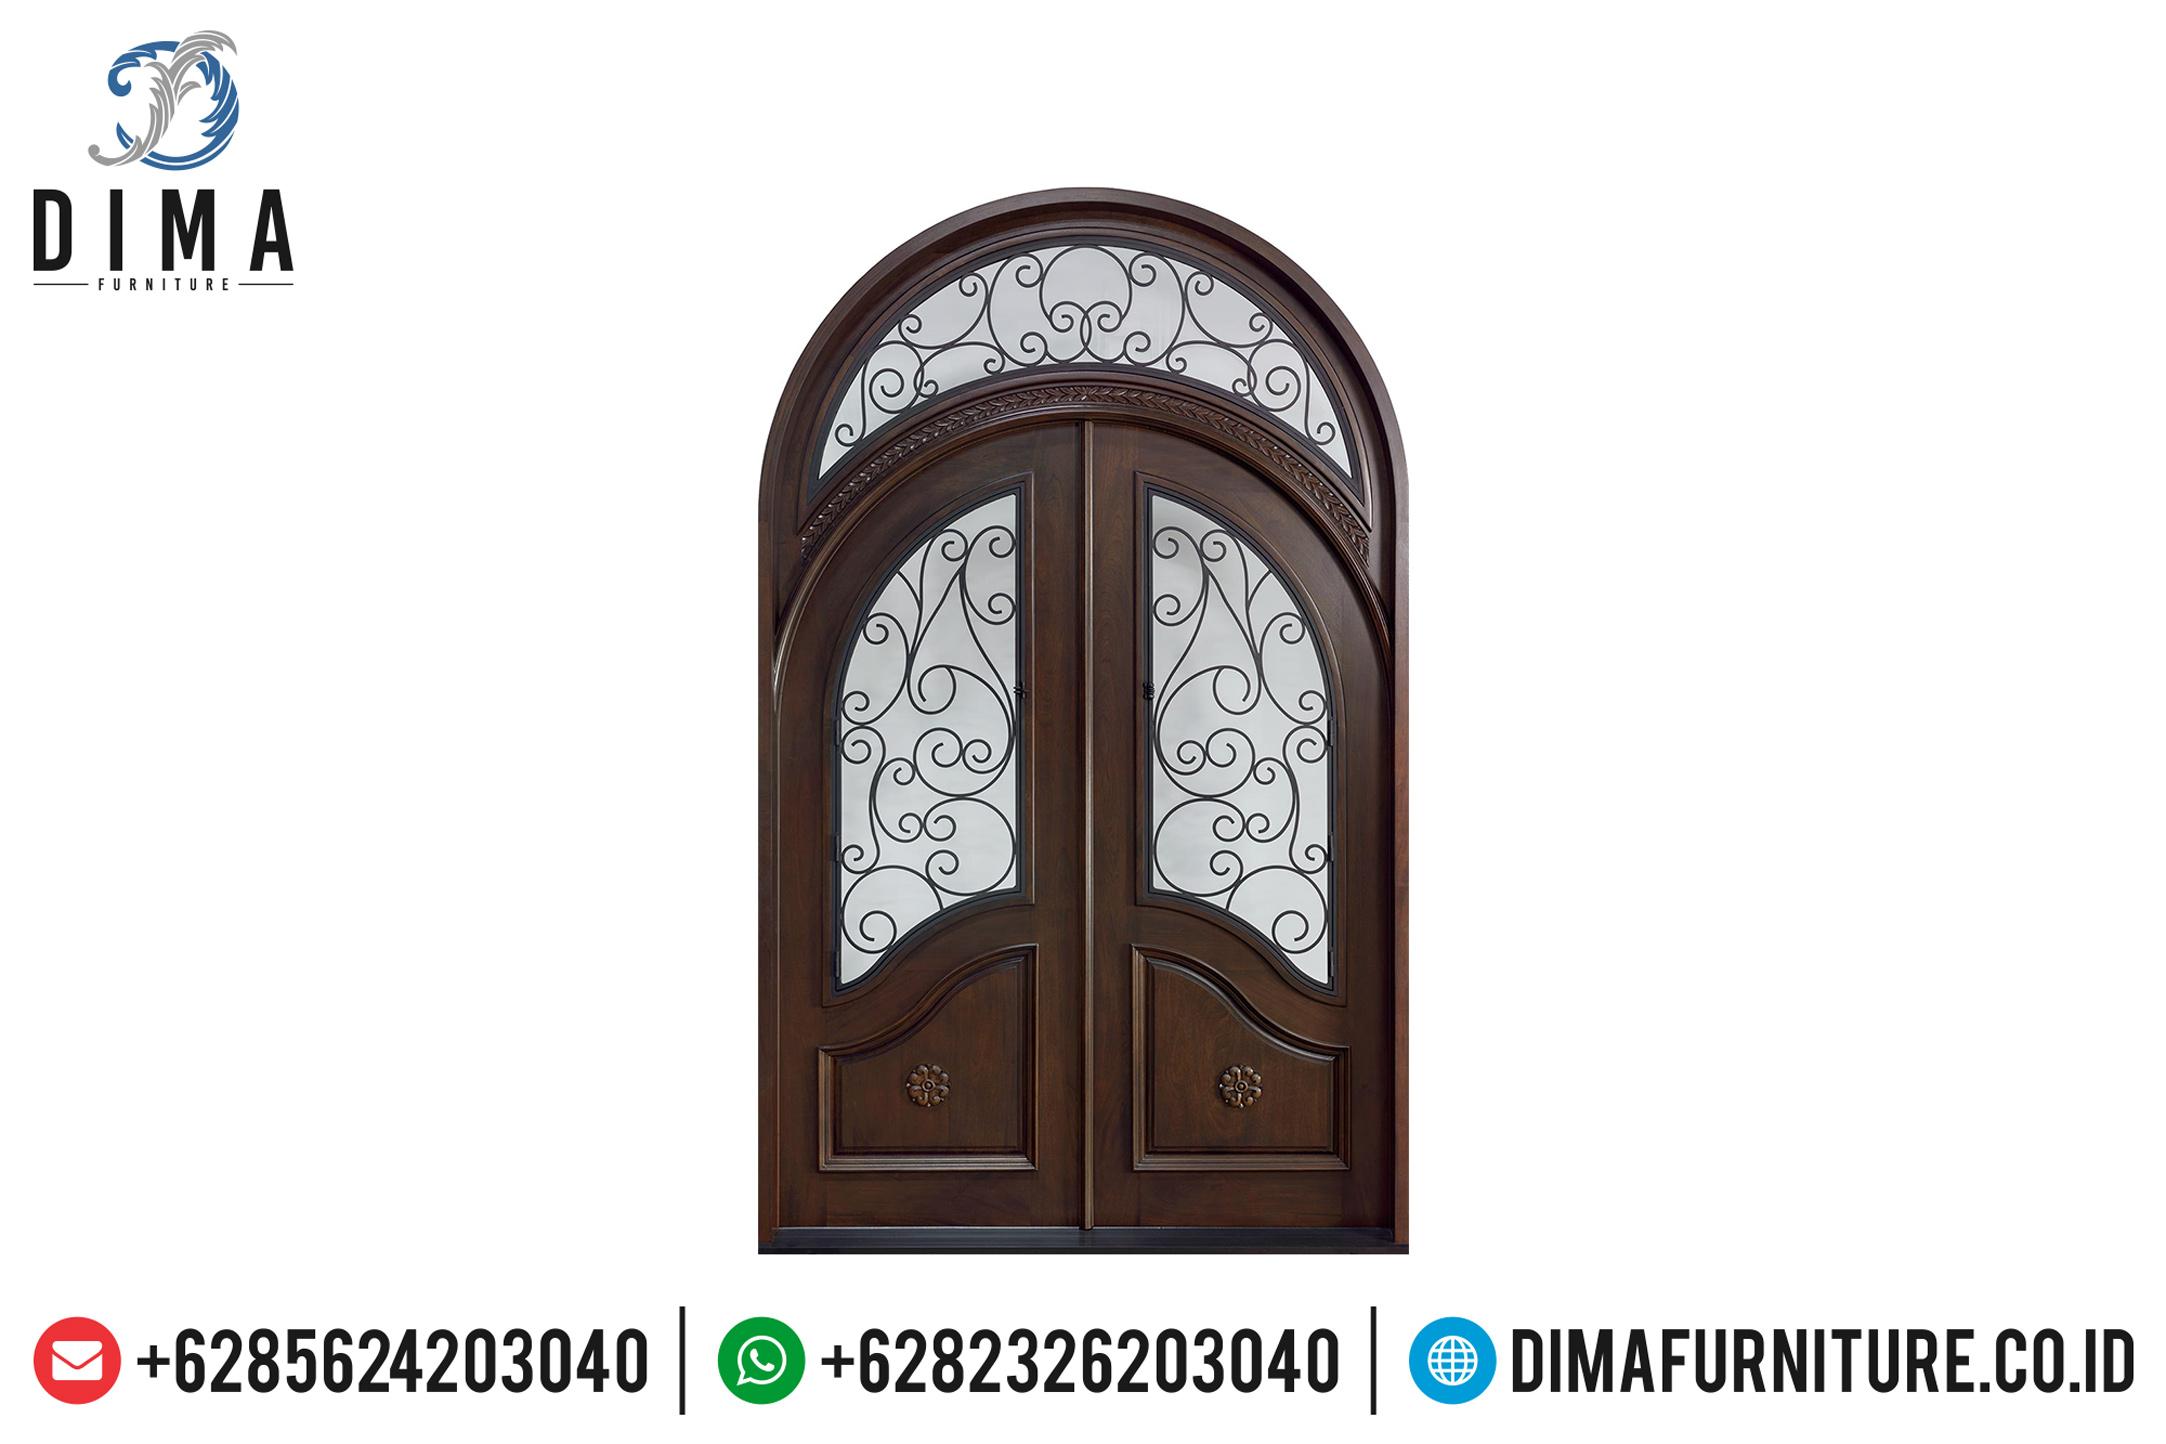 Desain Pintu Rumah Mewah Klasik Bahan Jati Jepara DF-0741